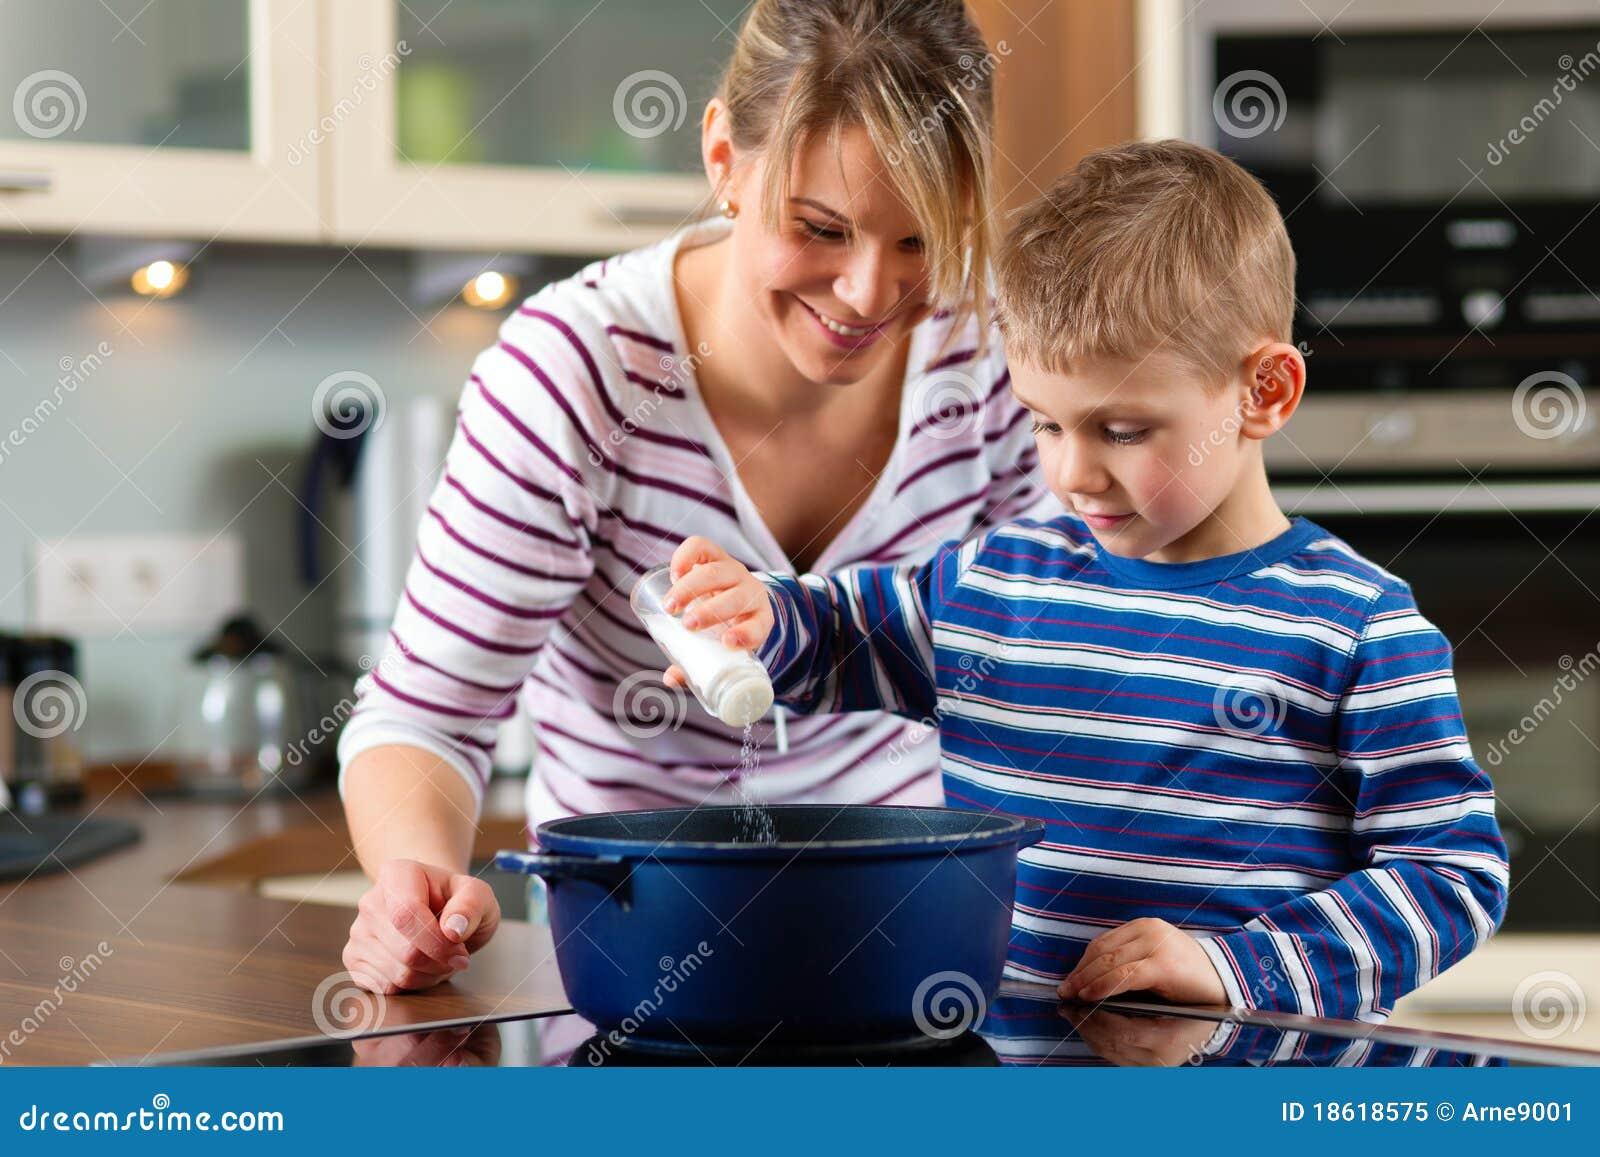 С мамкой на кухне, Мама и сын на кухне - смотреть порно онлайн или скачать 21 фотография